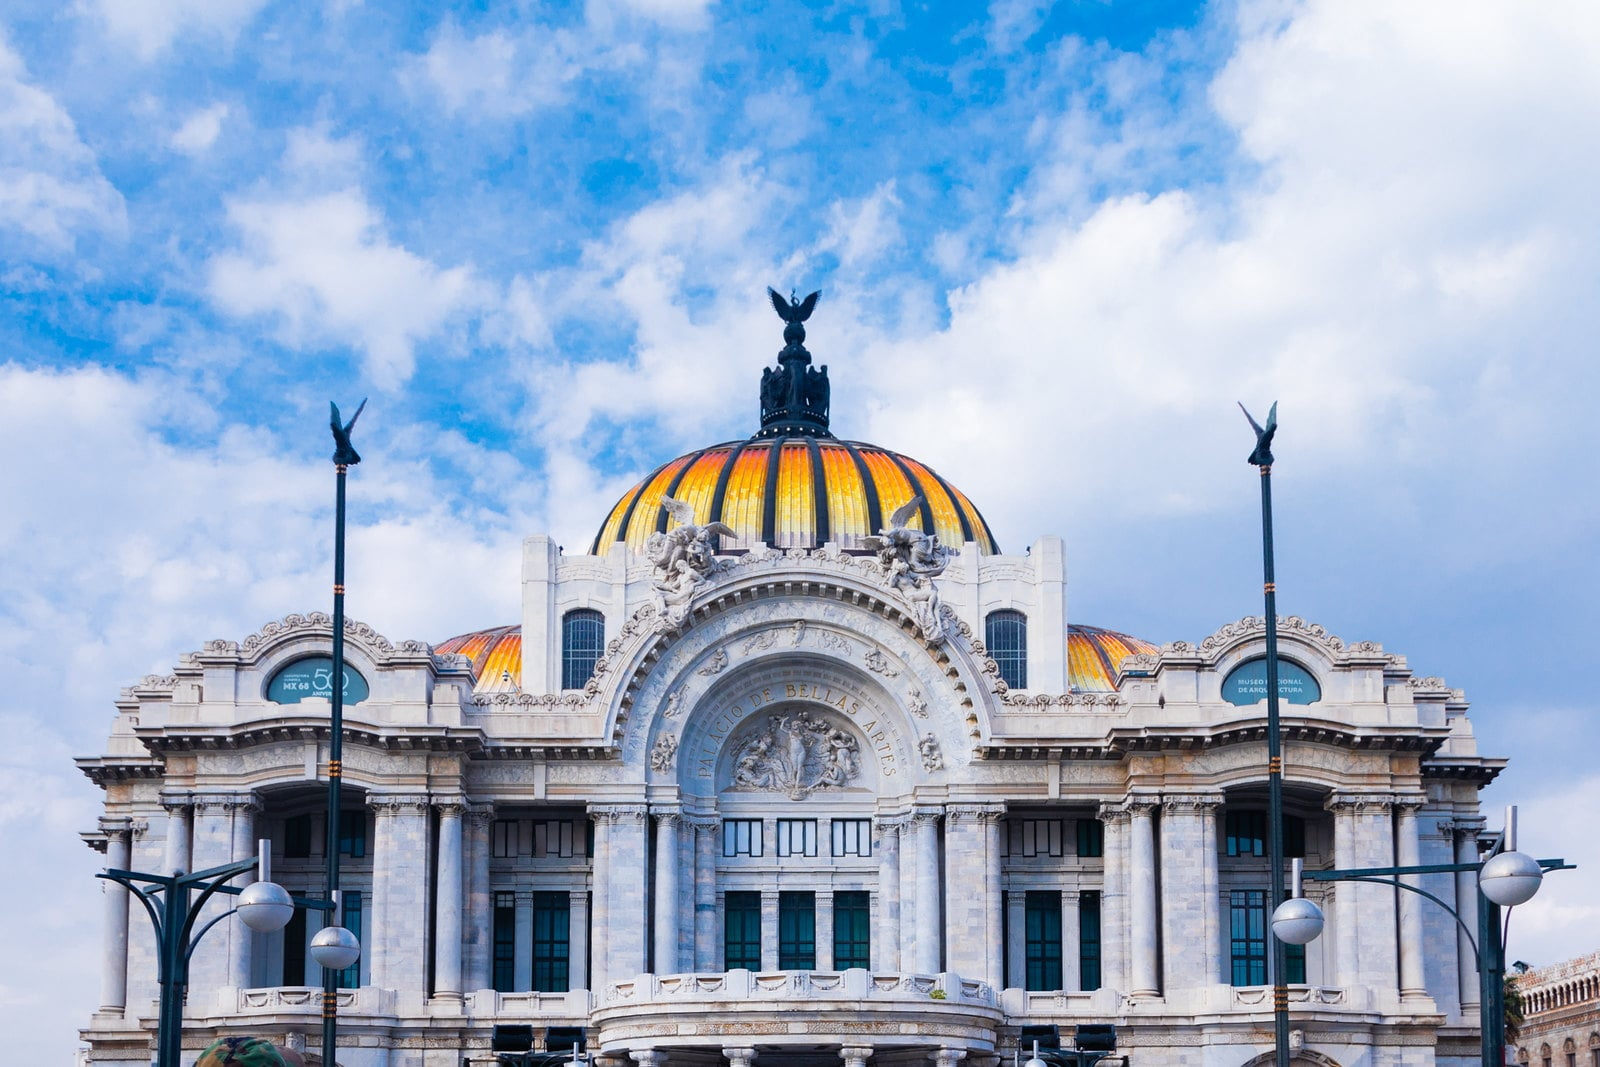 Palacio de Bellas Artes is one of the Places to Visit in Mexico City